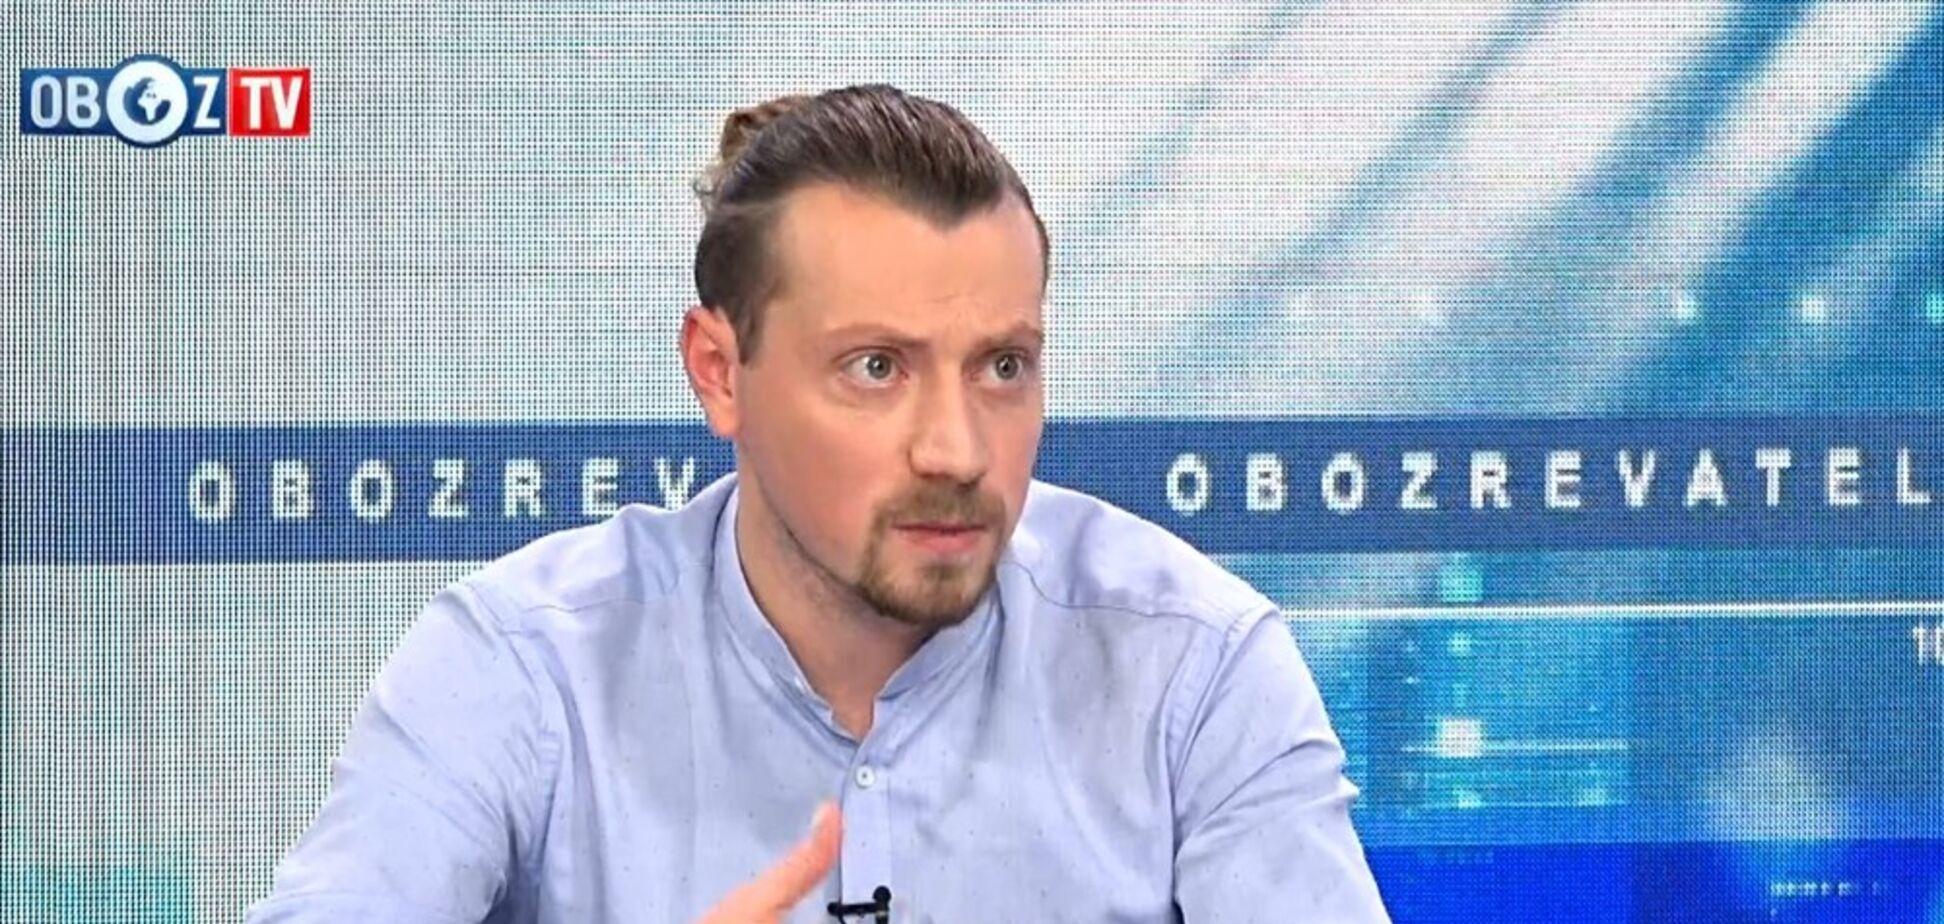 'Маніпуляції!' У партії Зеленського розповіли про 'дідівщину' в Раді